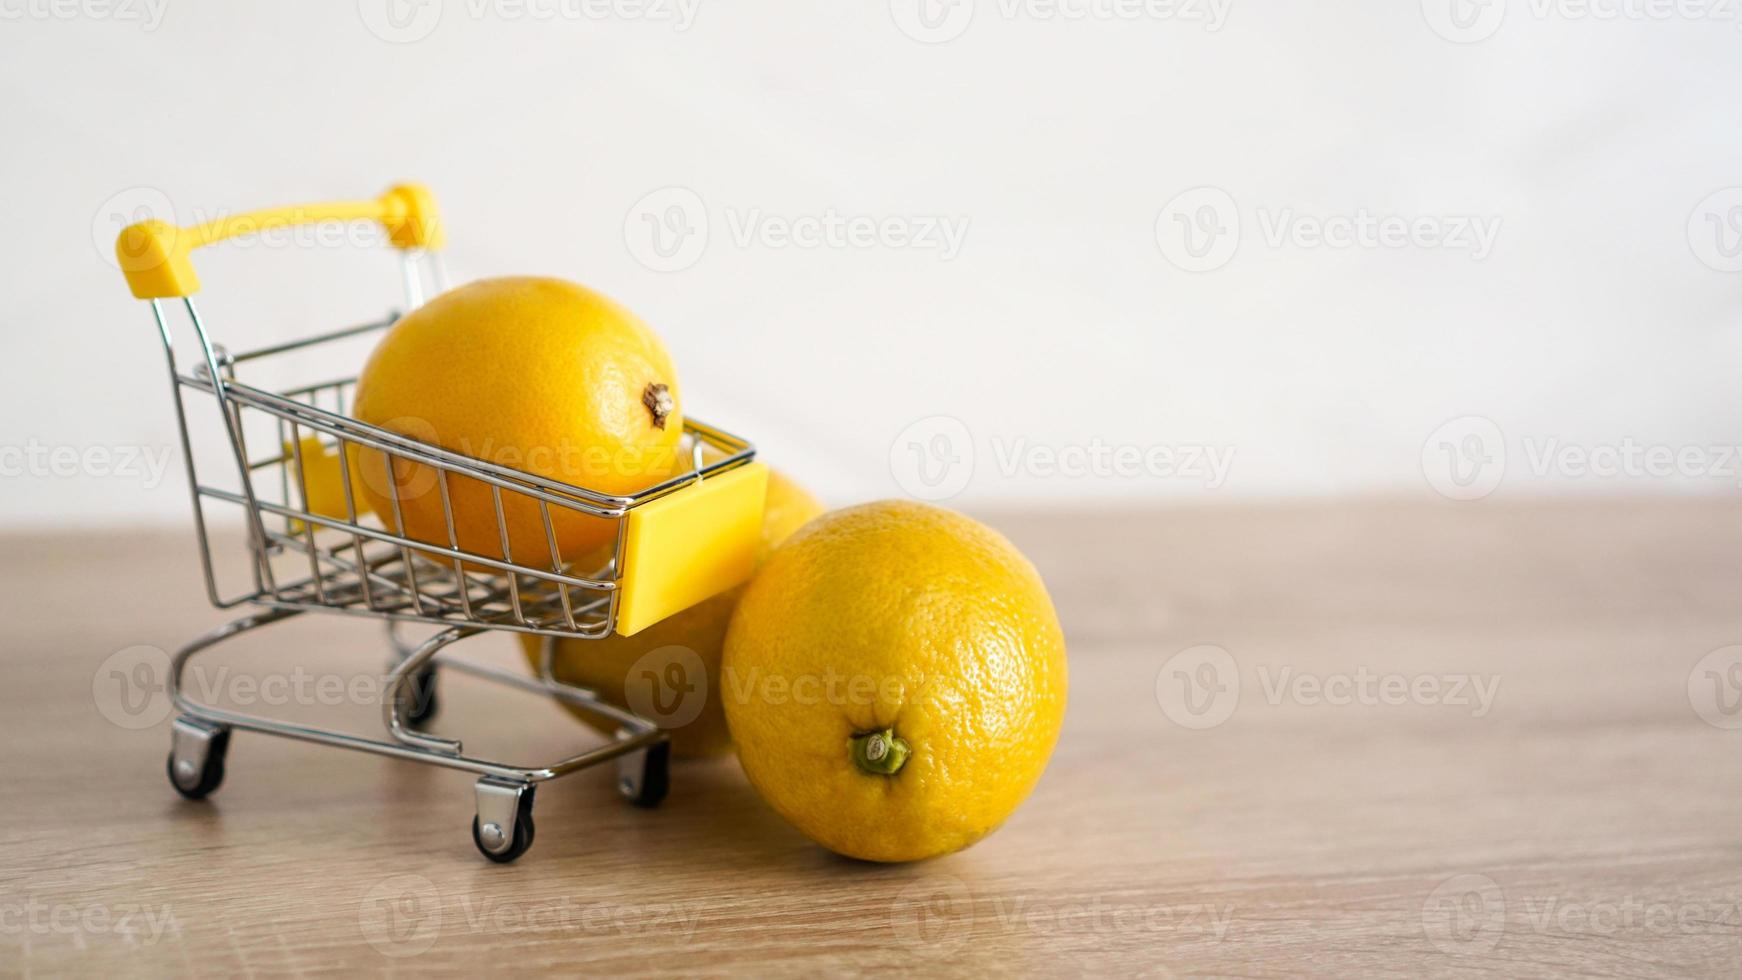 limão em um carrinho de supermercado no fundo da cozinha foto